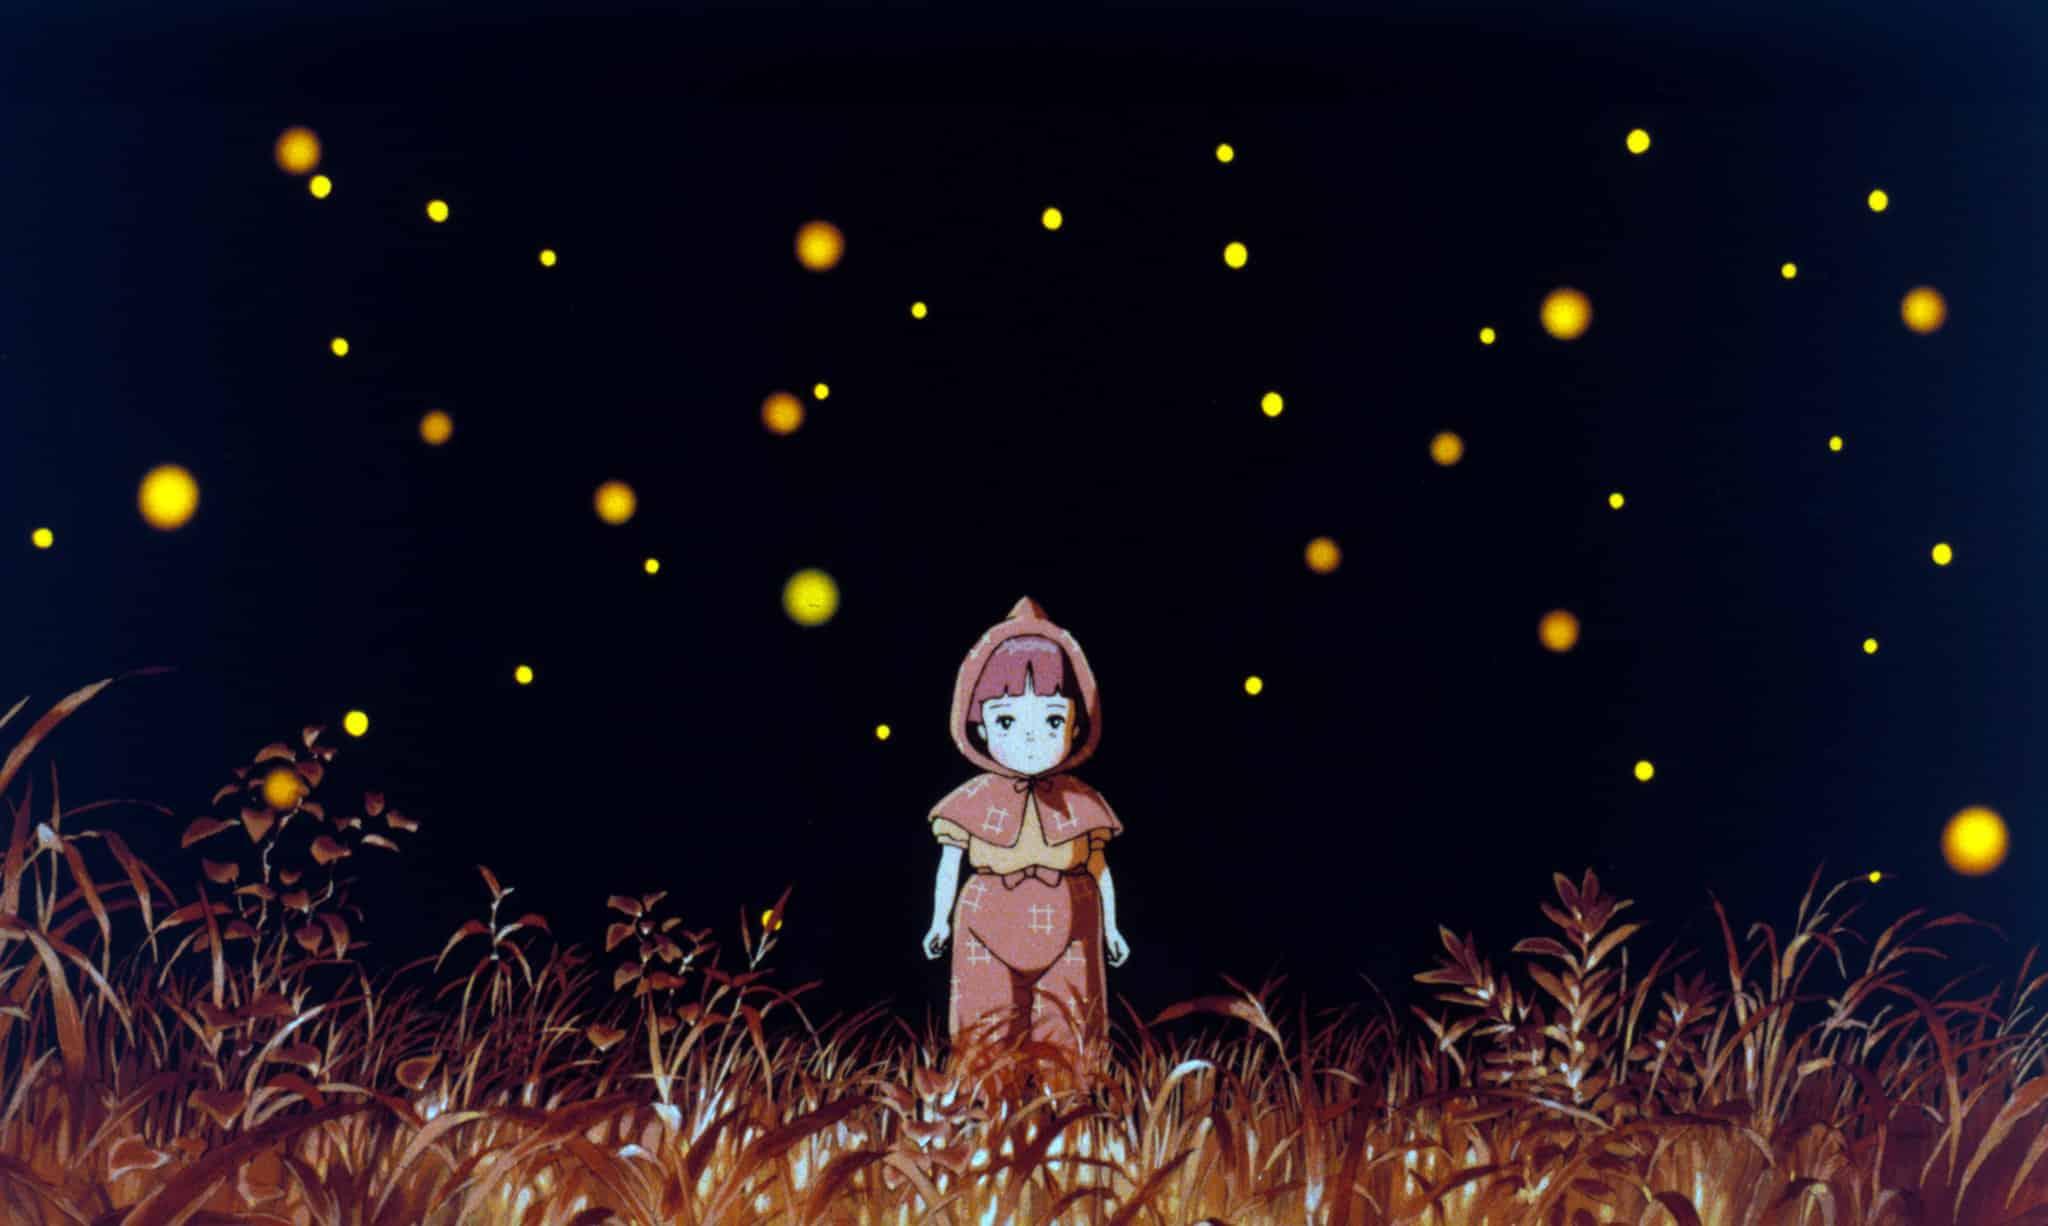 najlepšie animované filmy - Grave of the Fireflies